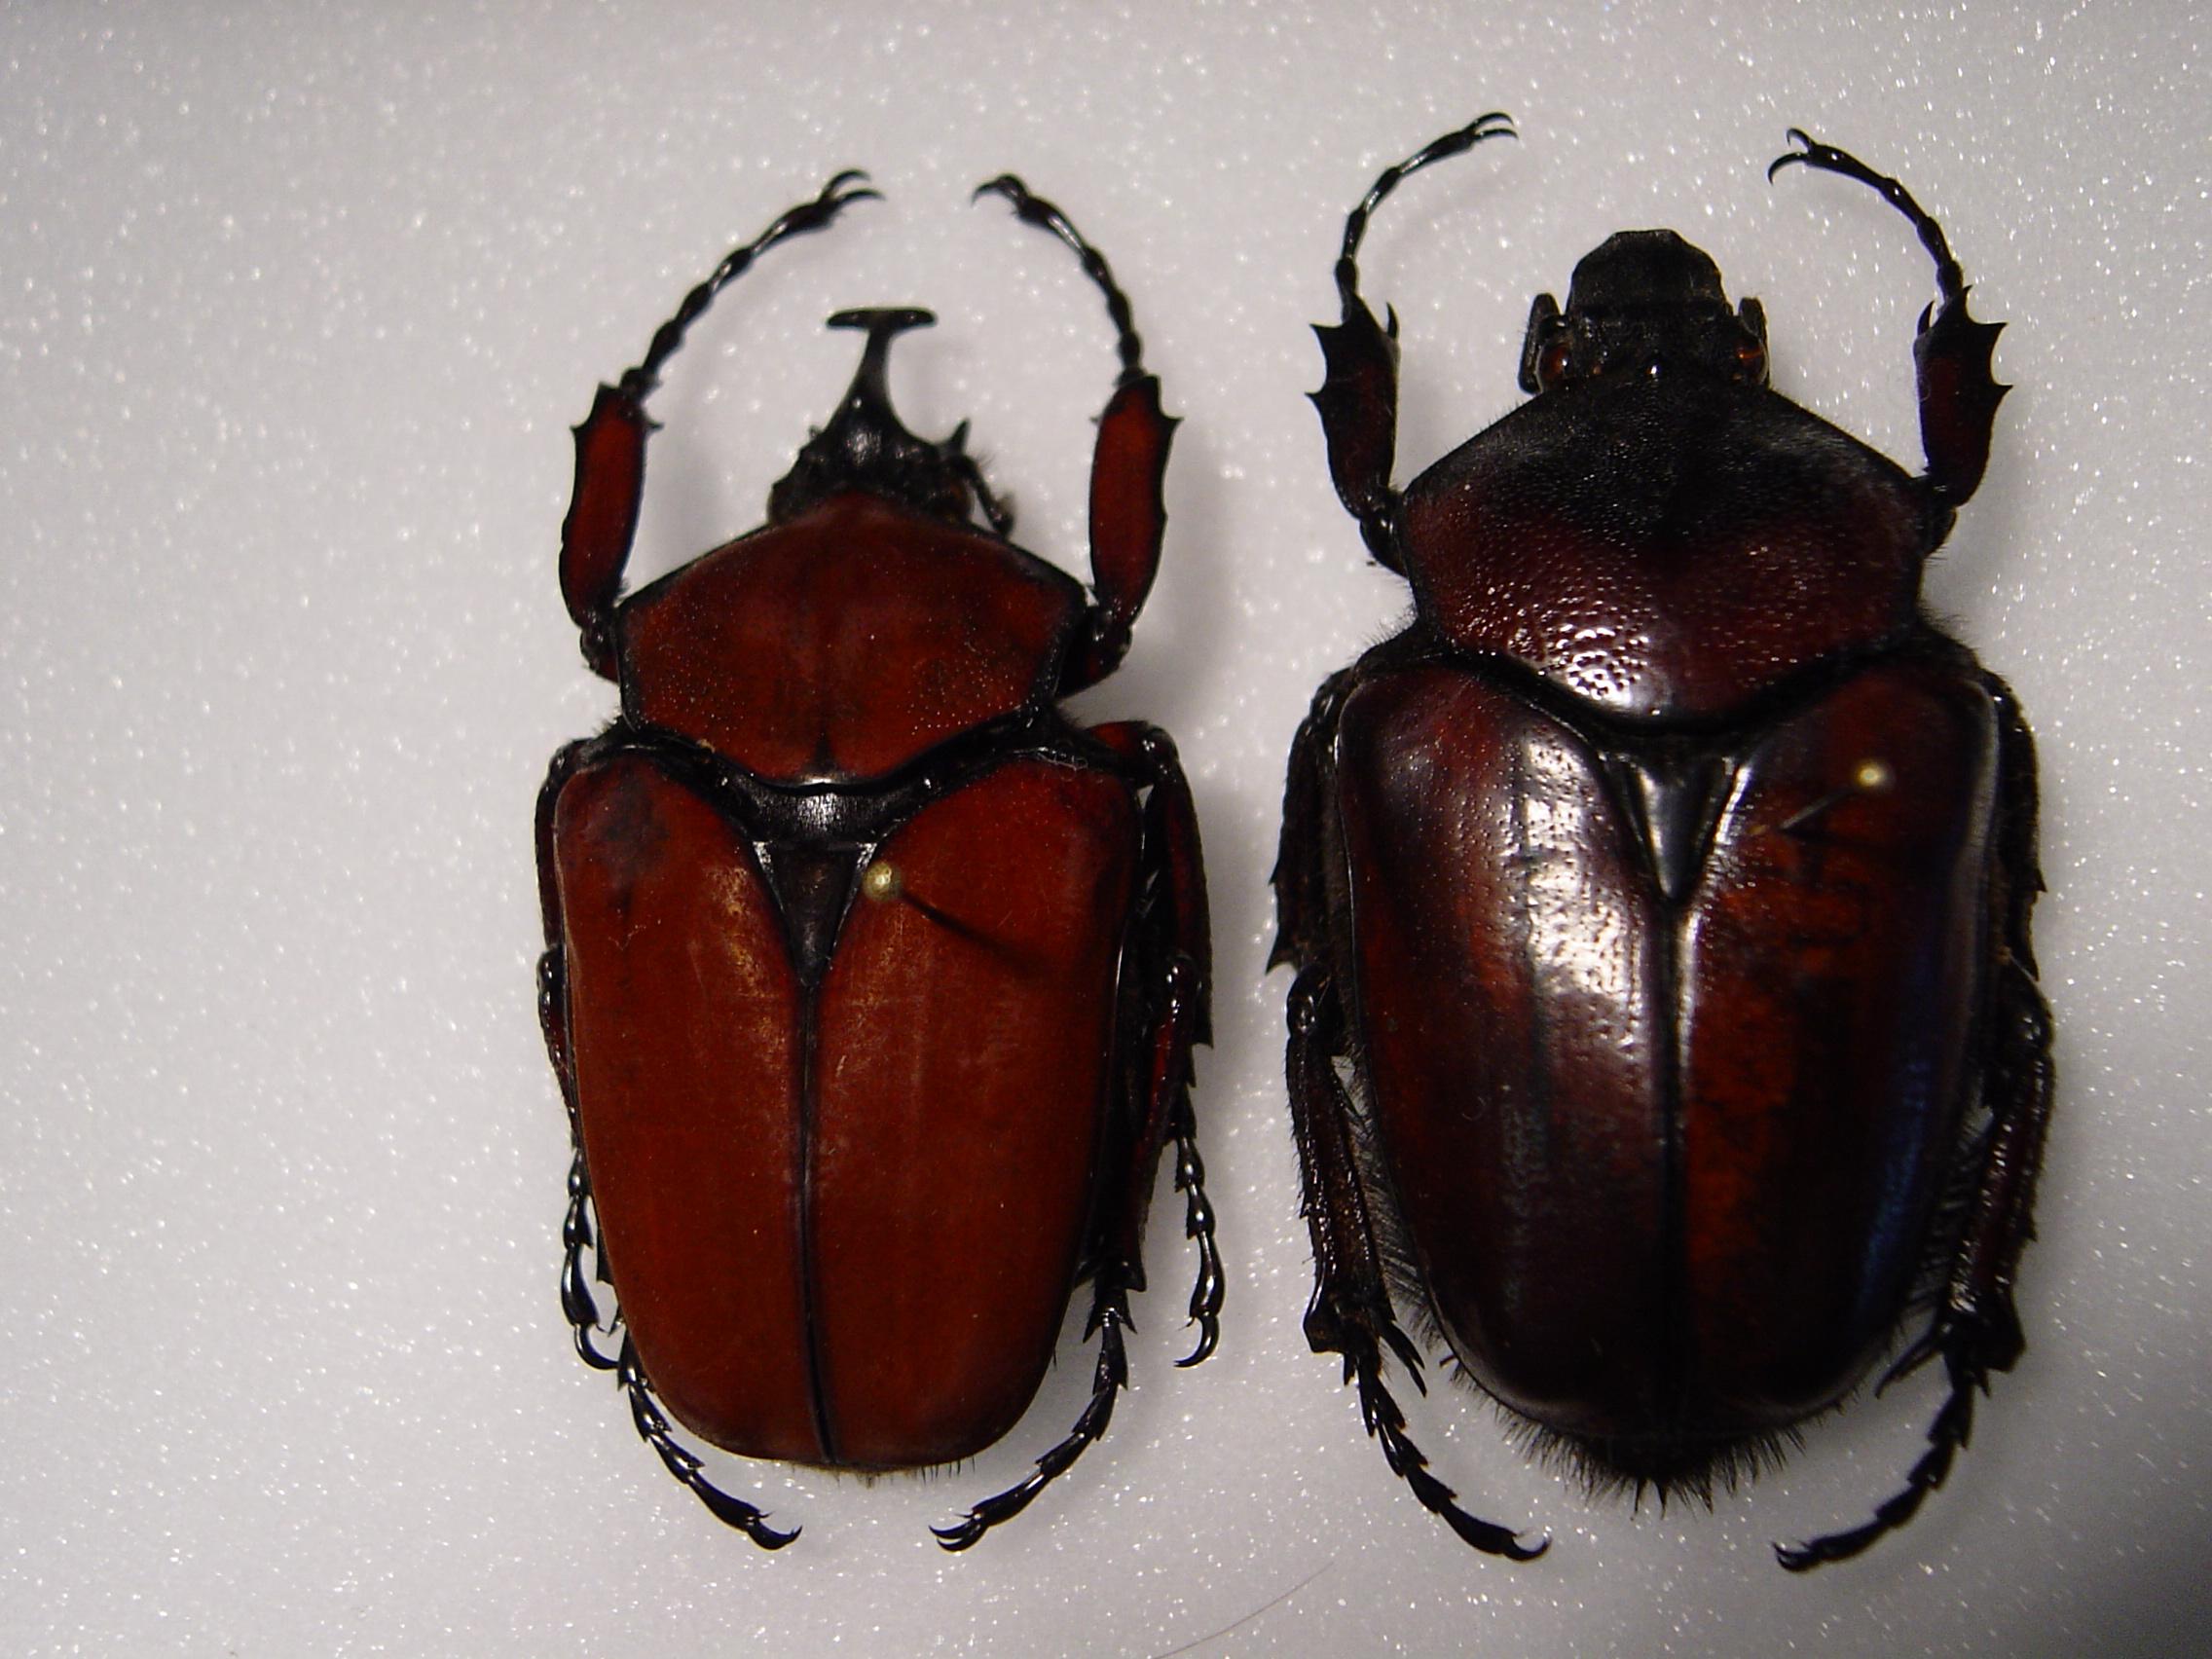 Pyrodes longiceps beetle photo